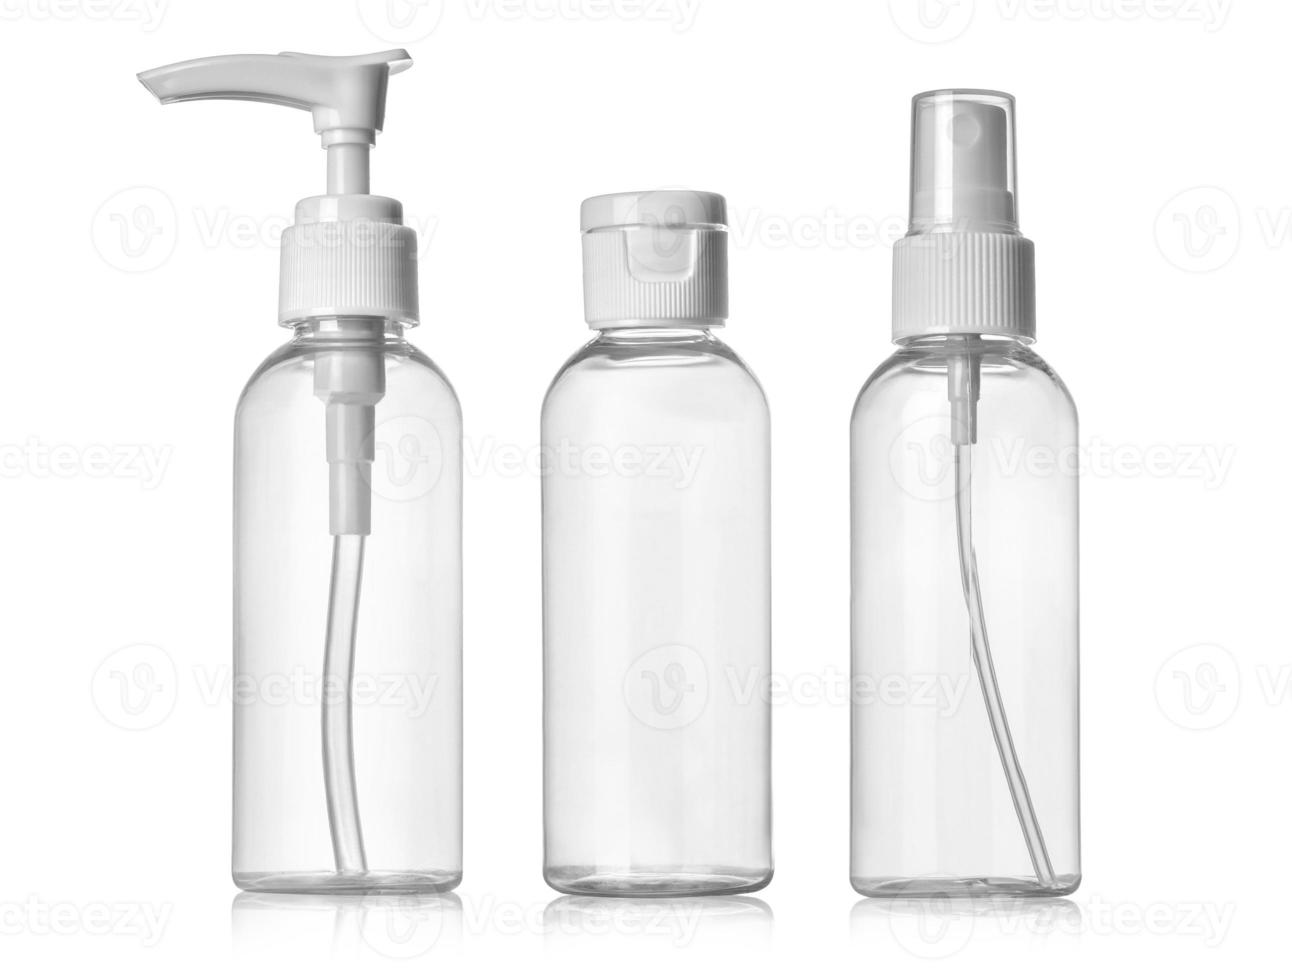 tres botellas en blanco foto